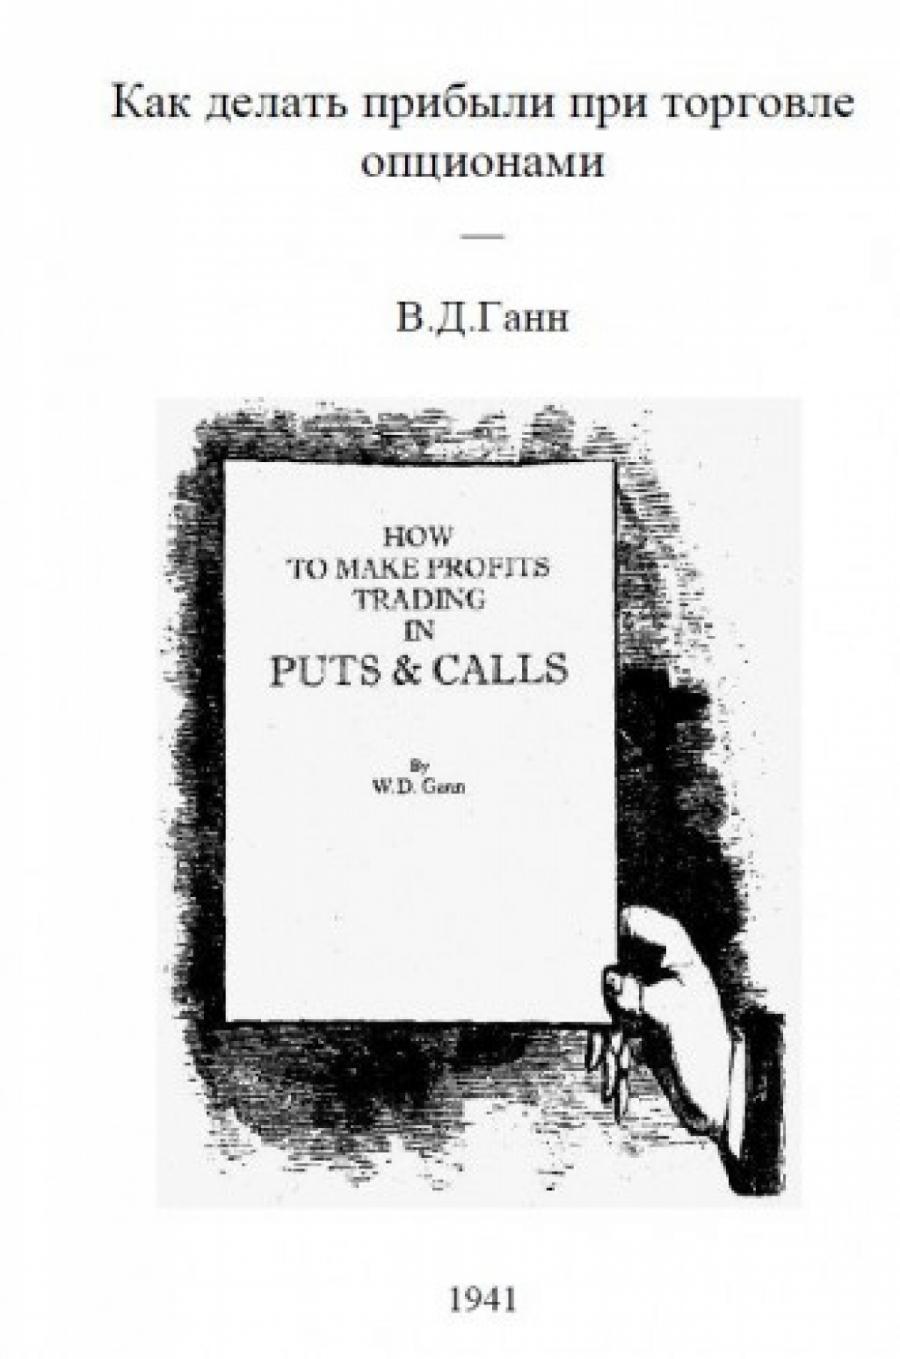 Обложка книги:  ганн в.д. - как делать прибыли при торговле опционами